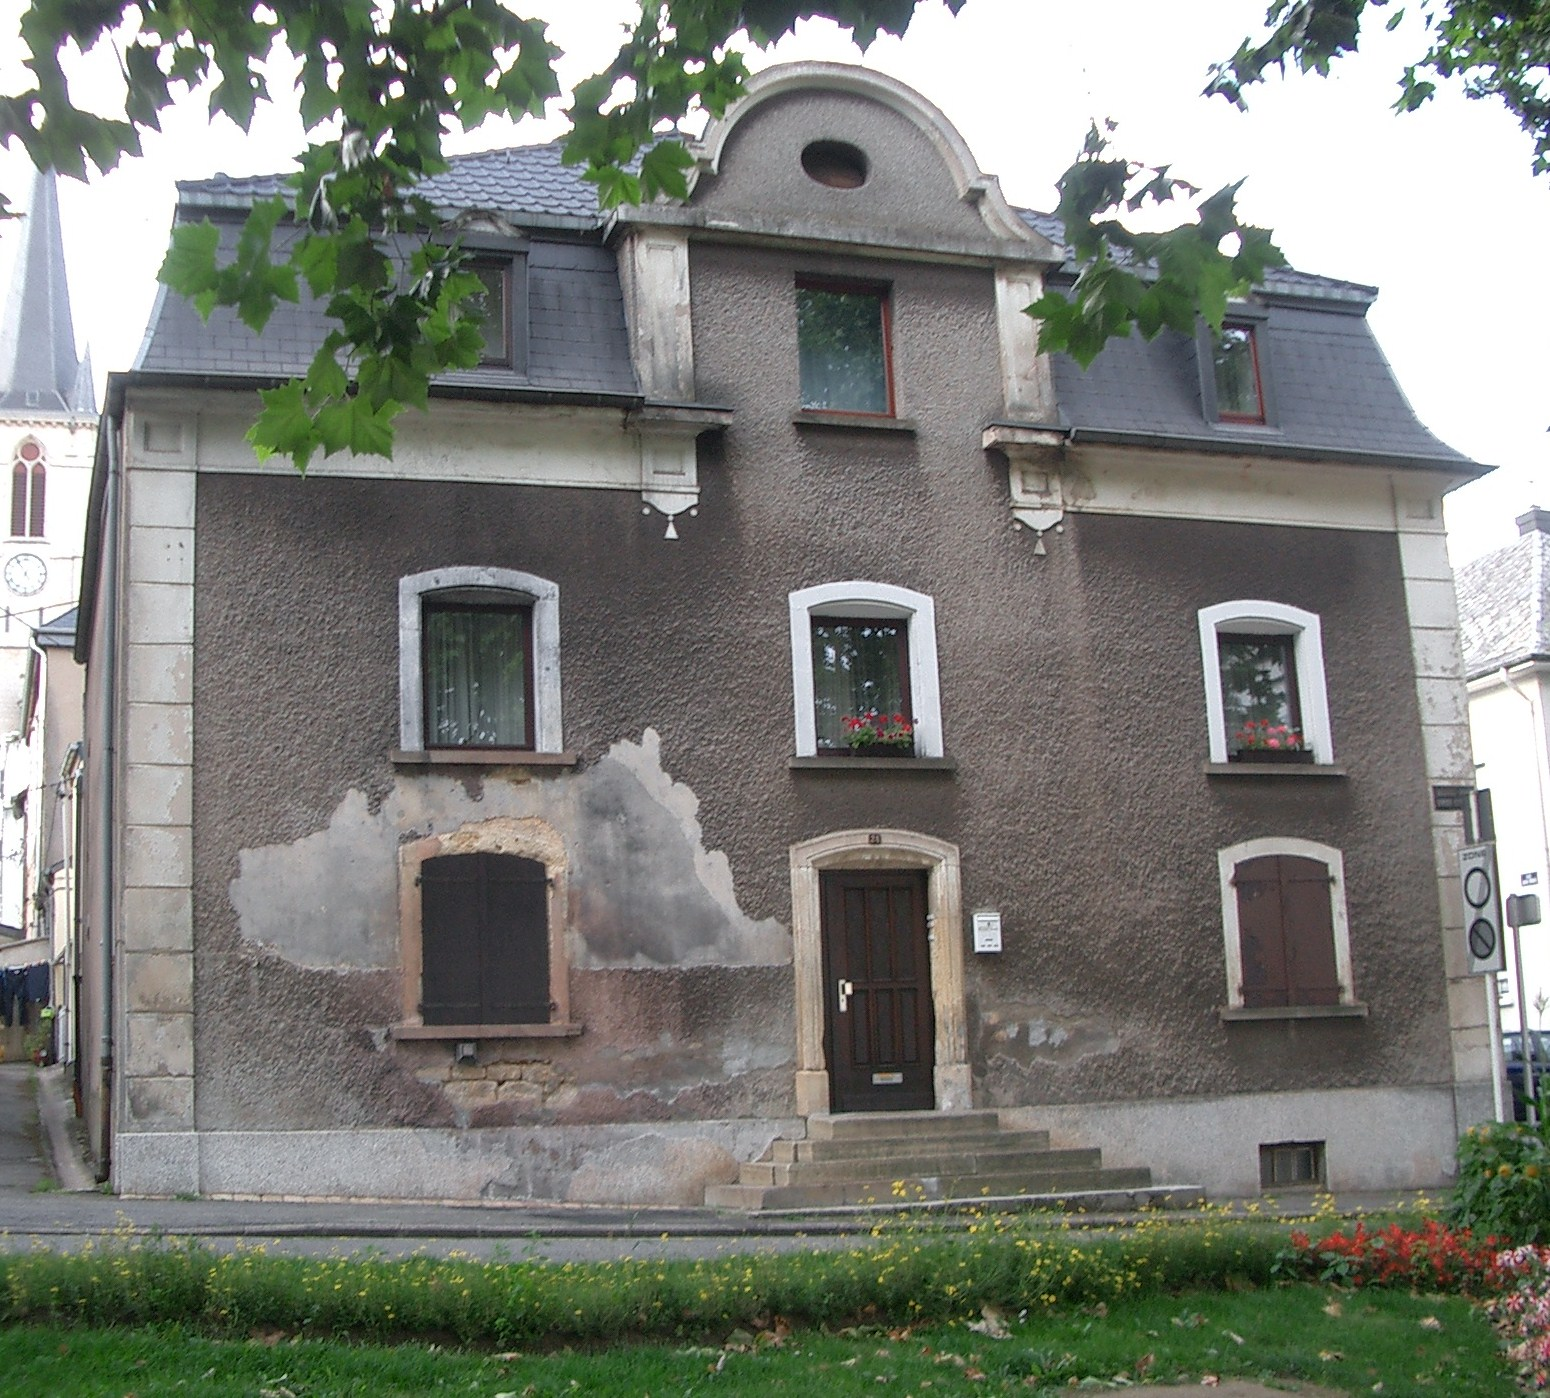 Feuchtigkeit im Mauerwerk - nicht nur in älteren Gebäuden | MURAG ...